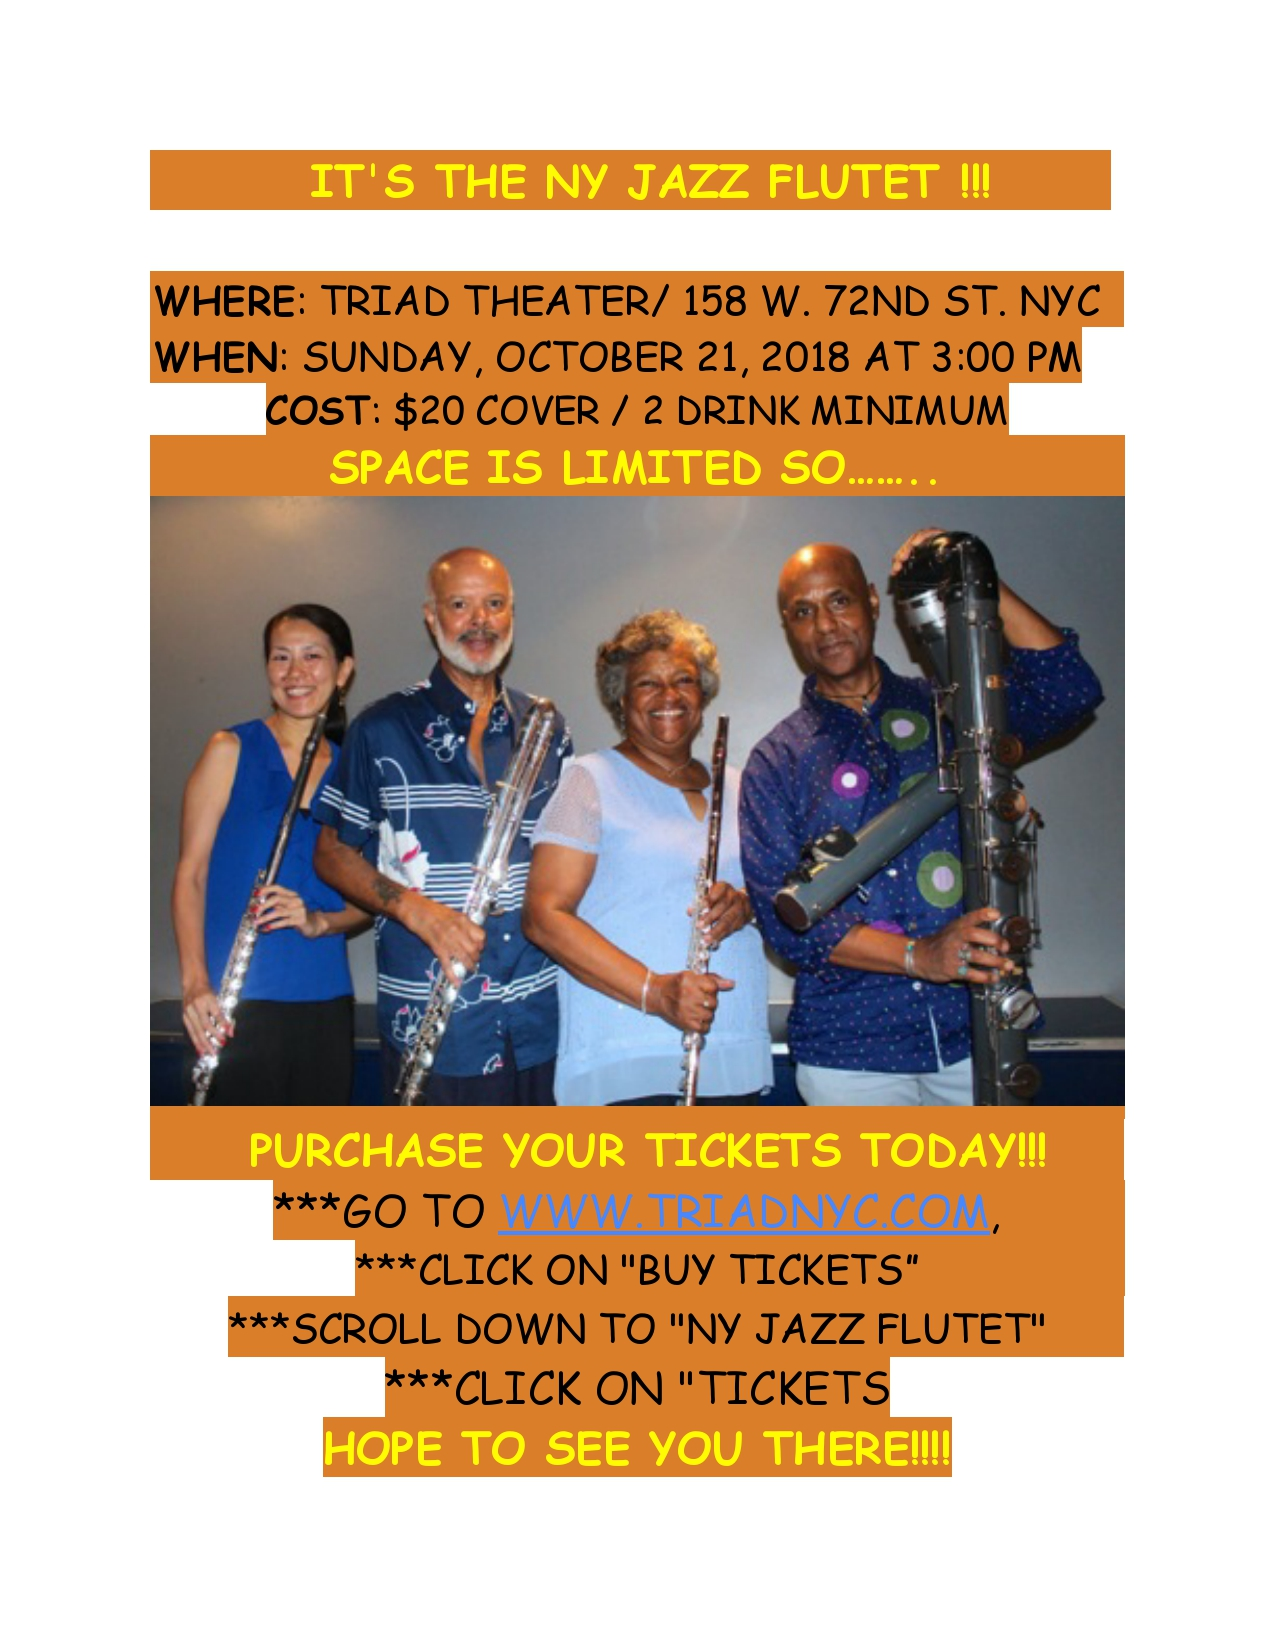 The NY Jazz Flutet